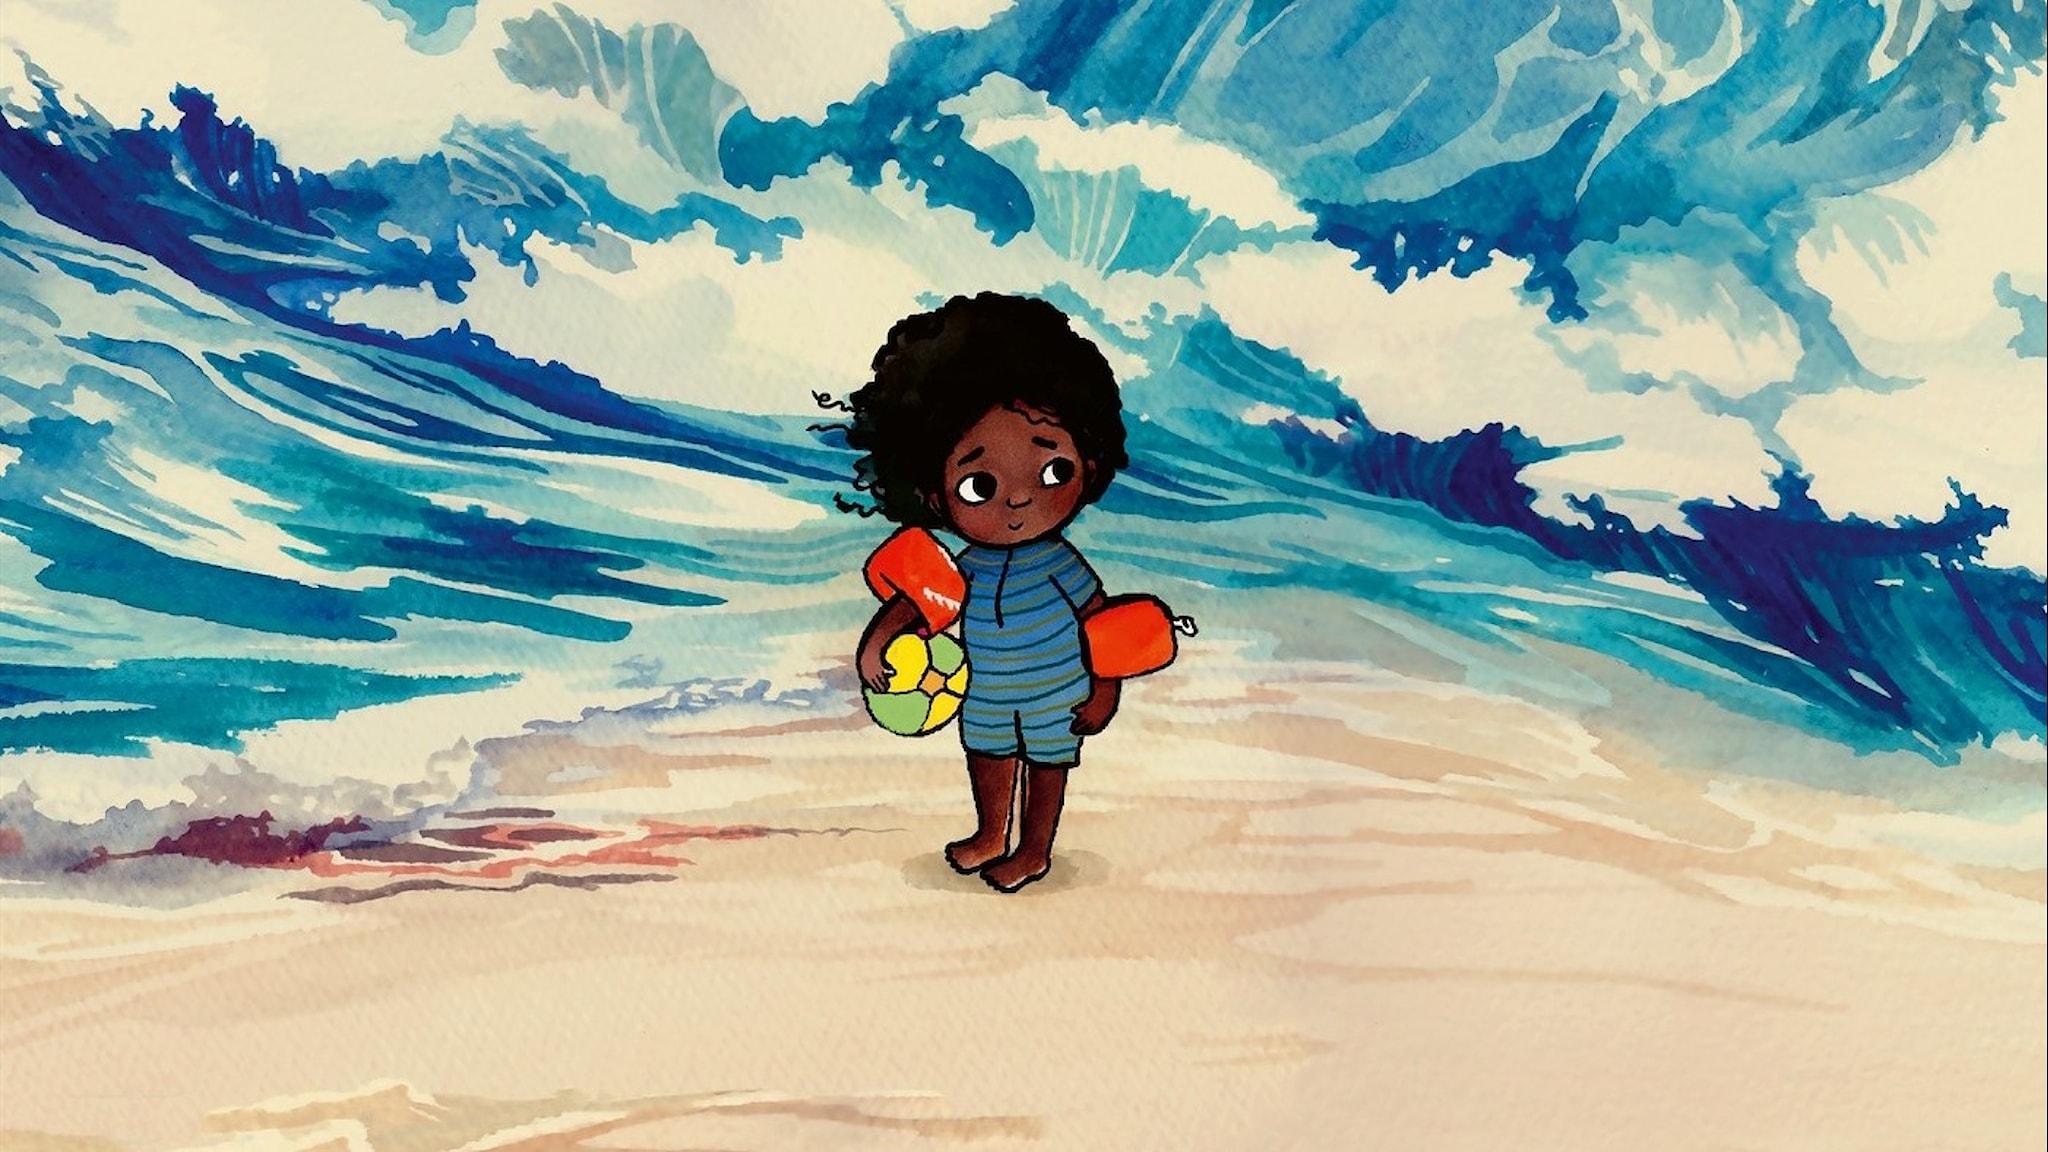 På bilden syns en illustrerad bild av en flicka som står framför höga vågor.